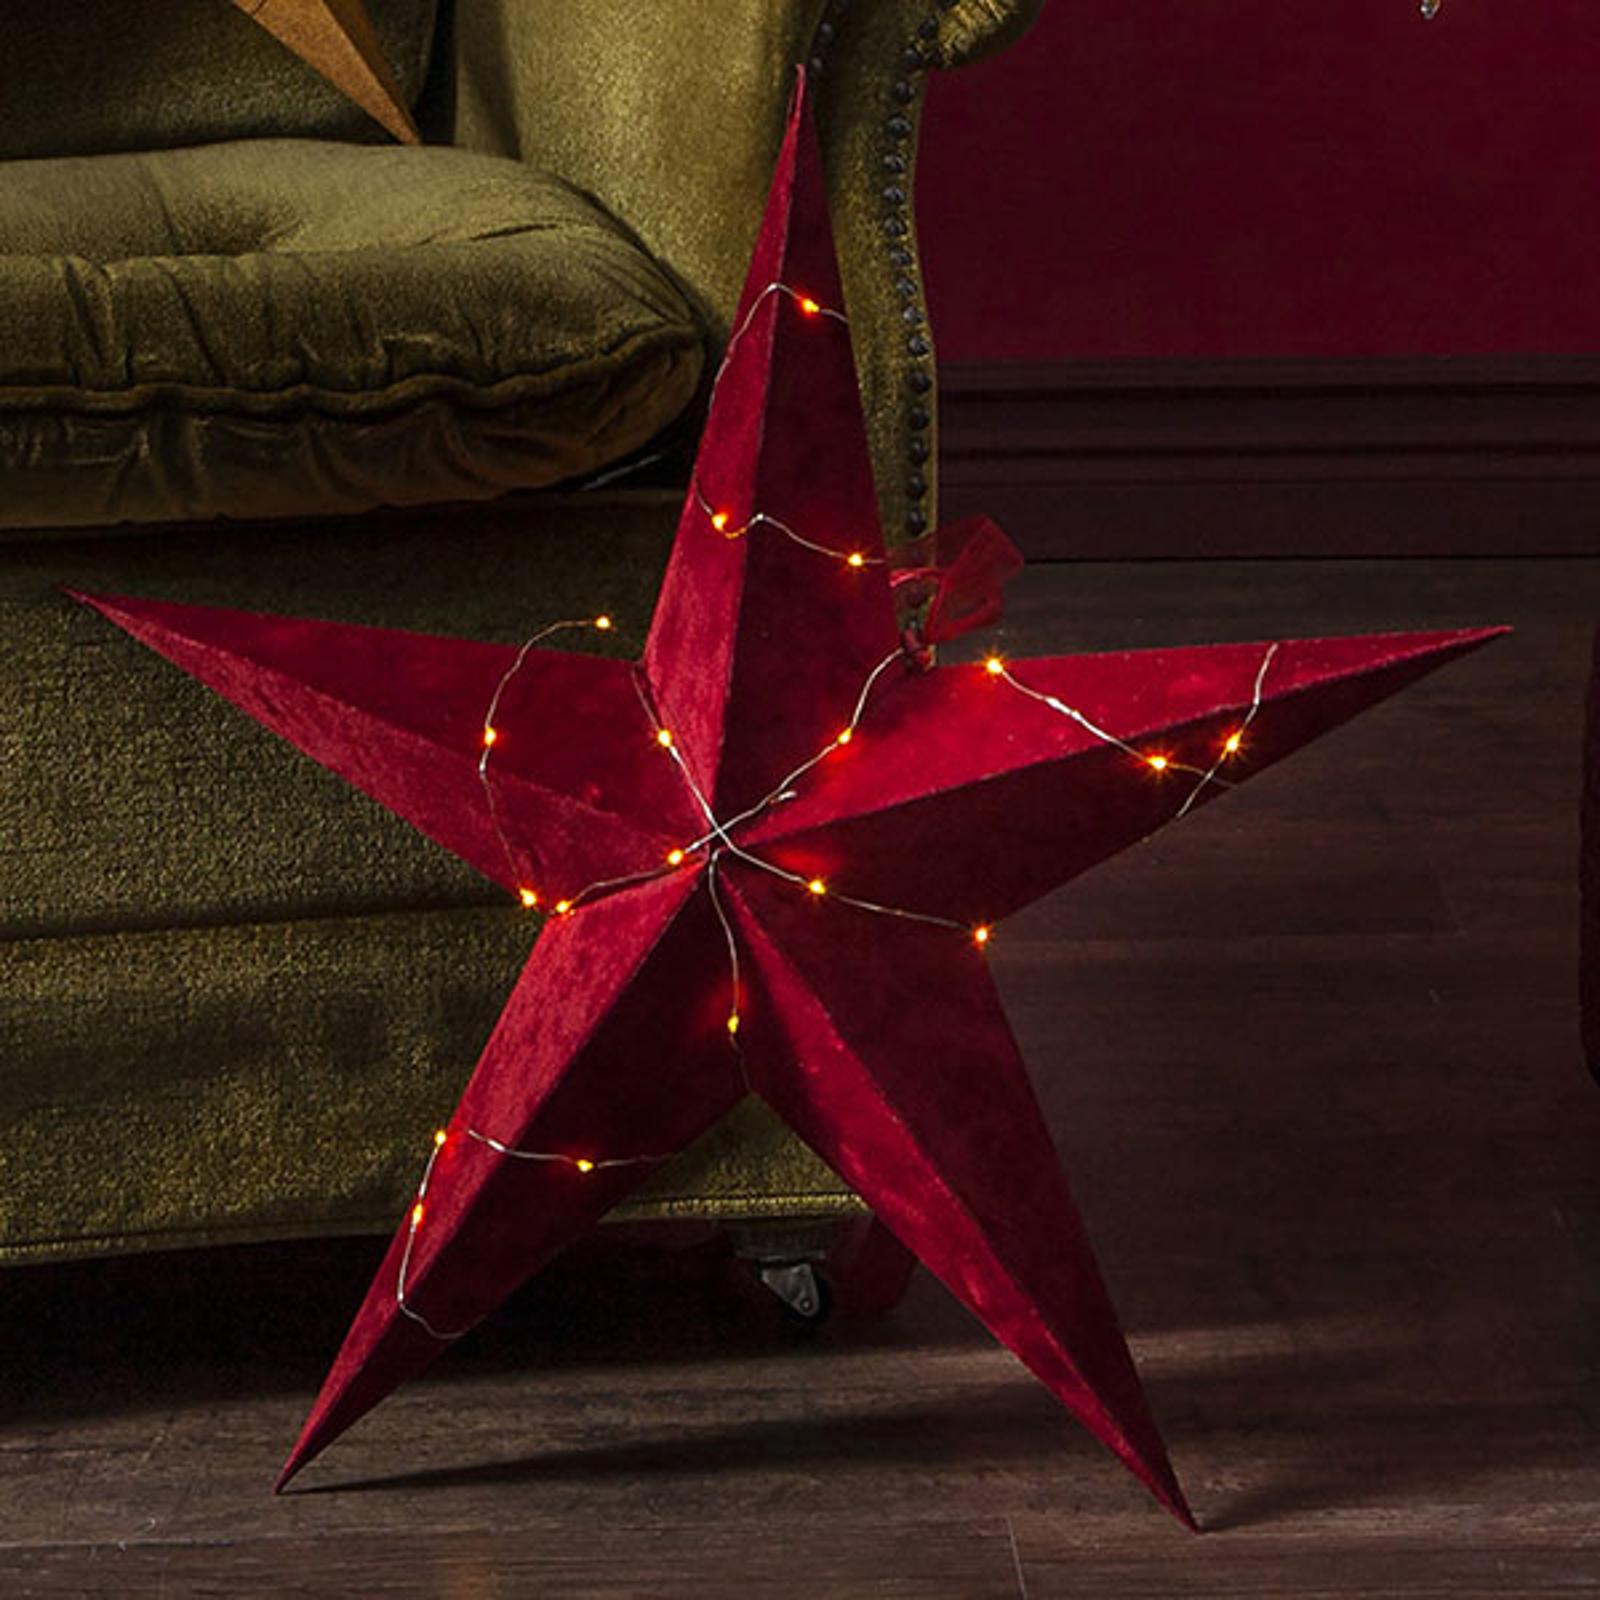 Gwiazda dekoracyjna Velvet, łańcuch świetlny LED